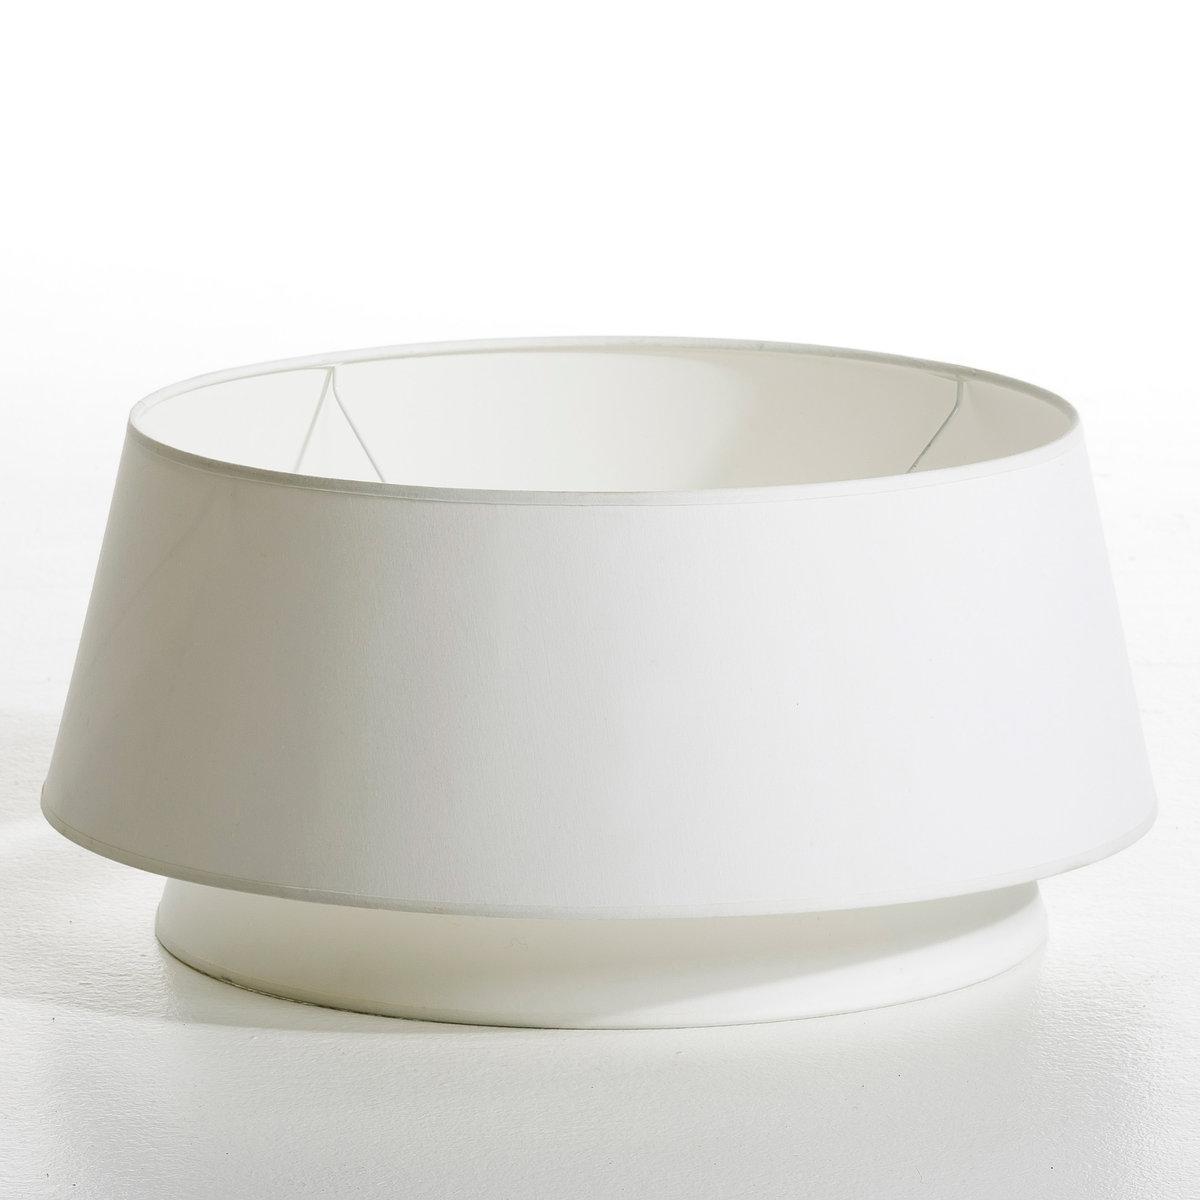 цены Абажур двойной из хлопка Epilogon, диаметр 50 см